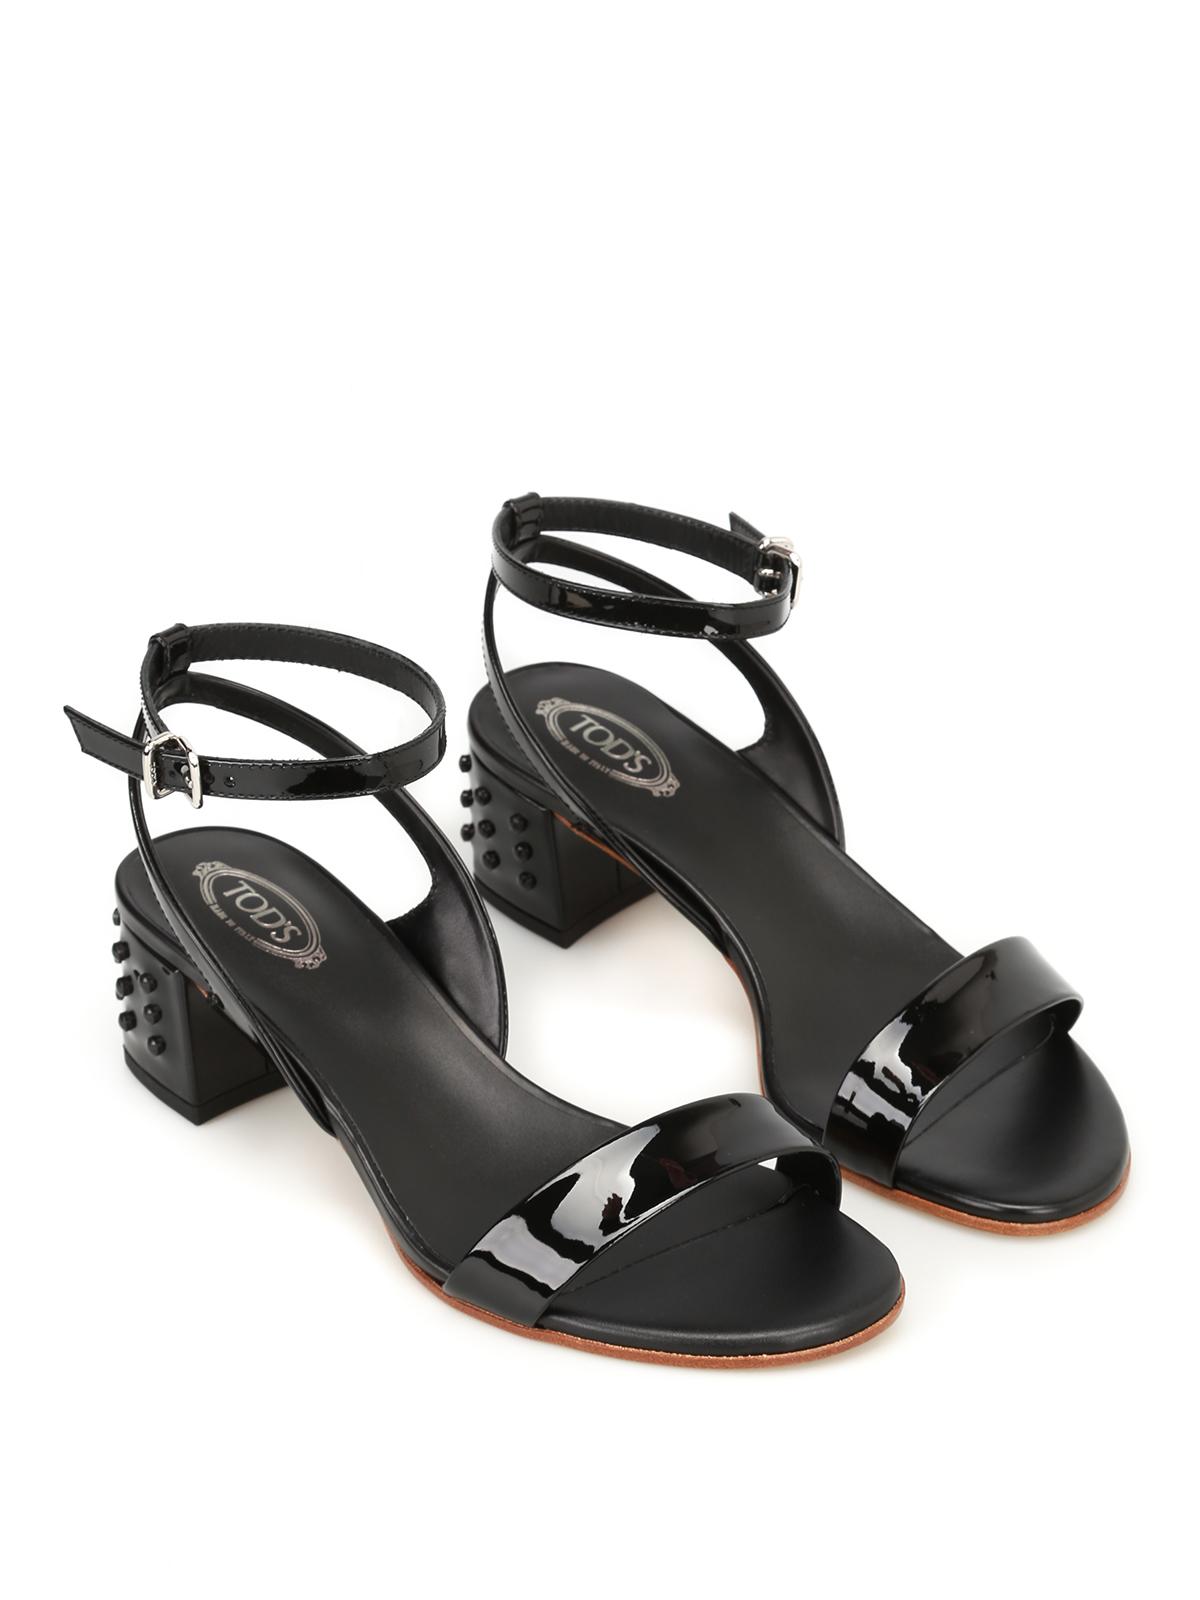 Sandalo Nero con Gommini Sitio Oficial Tienda En Linea 100% Original De Venta En Línea Fechas De Lanzamiento En Línea Barato De Salida Con Tarjeta De Crédito RQRw0NSTC8